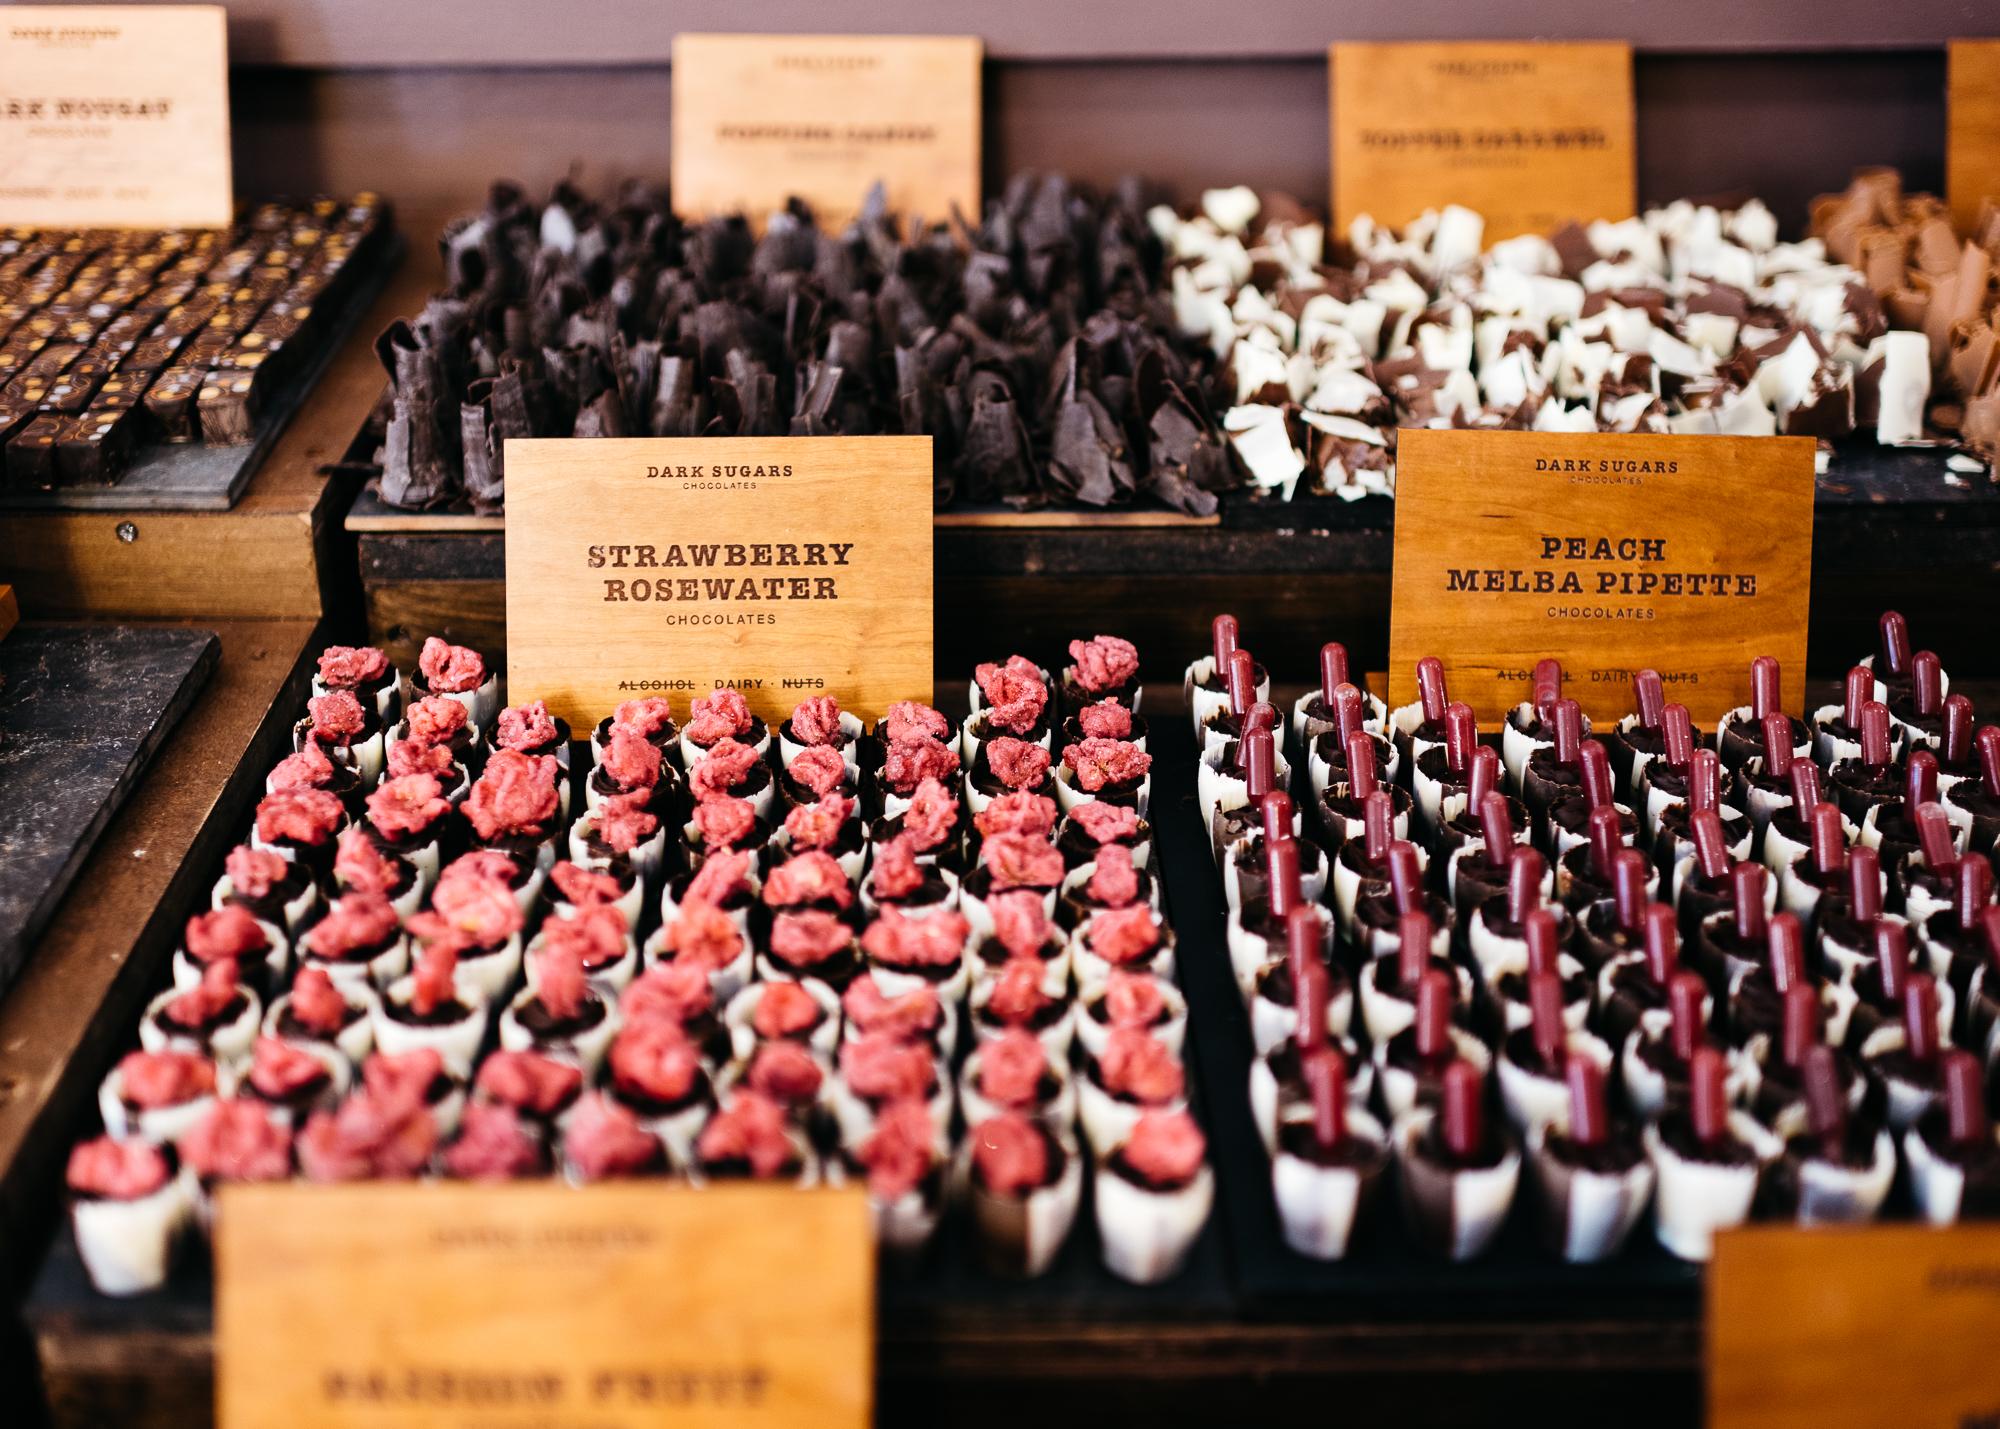 Assortment of chocolates at Dark Sugars